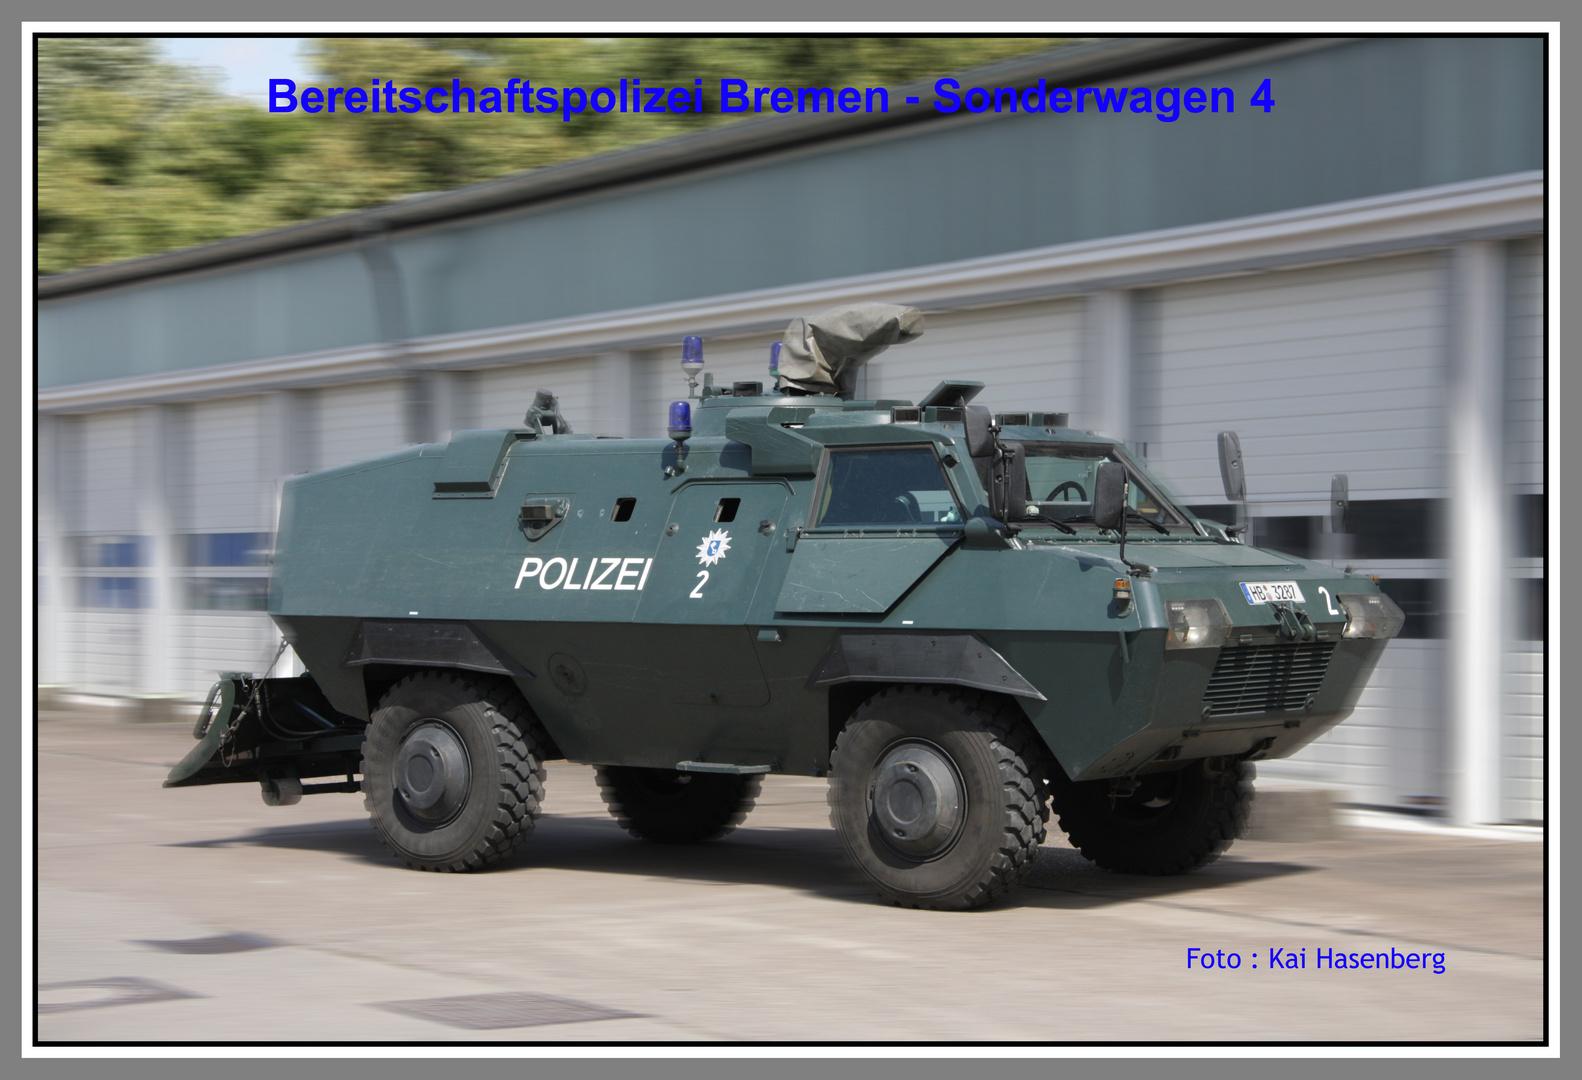 Sonderwagen 4 der Polizei Bremen